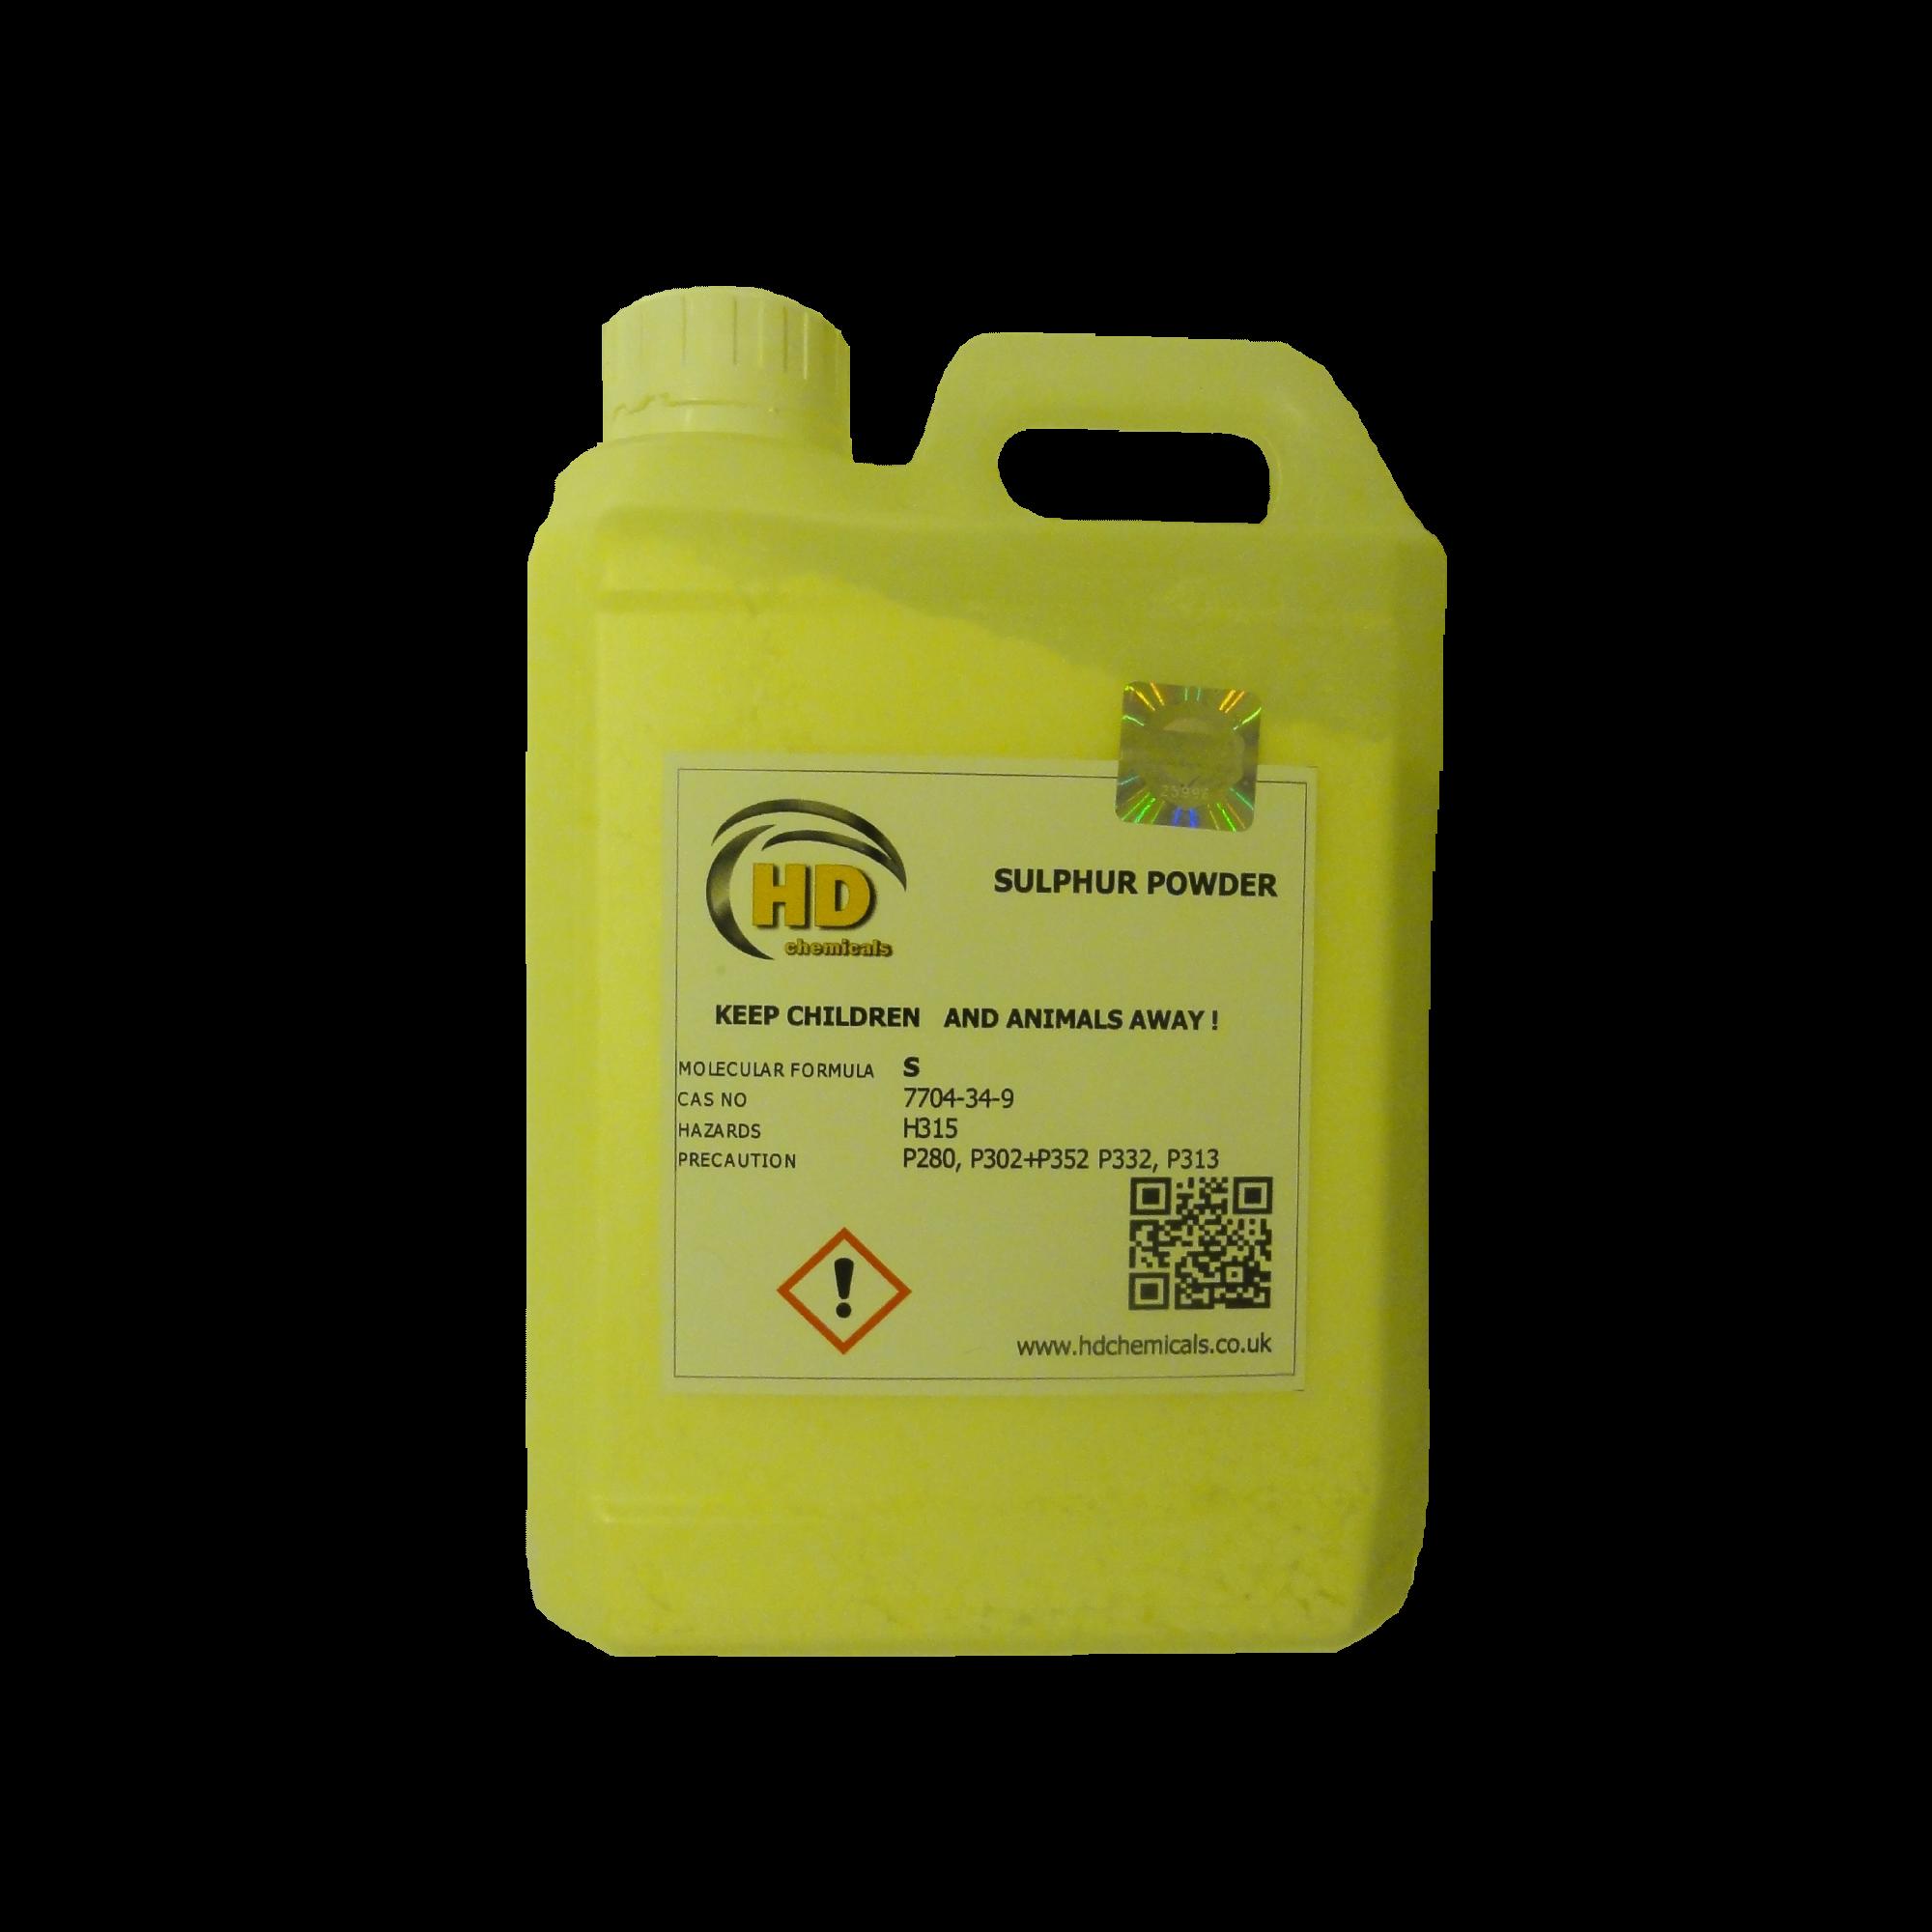 SULPHUR POWDER - hdchemicals, paint stripper, antifouling paint